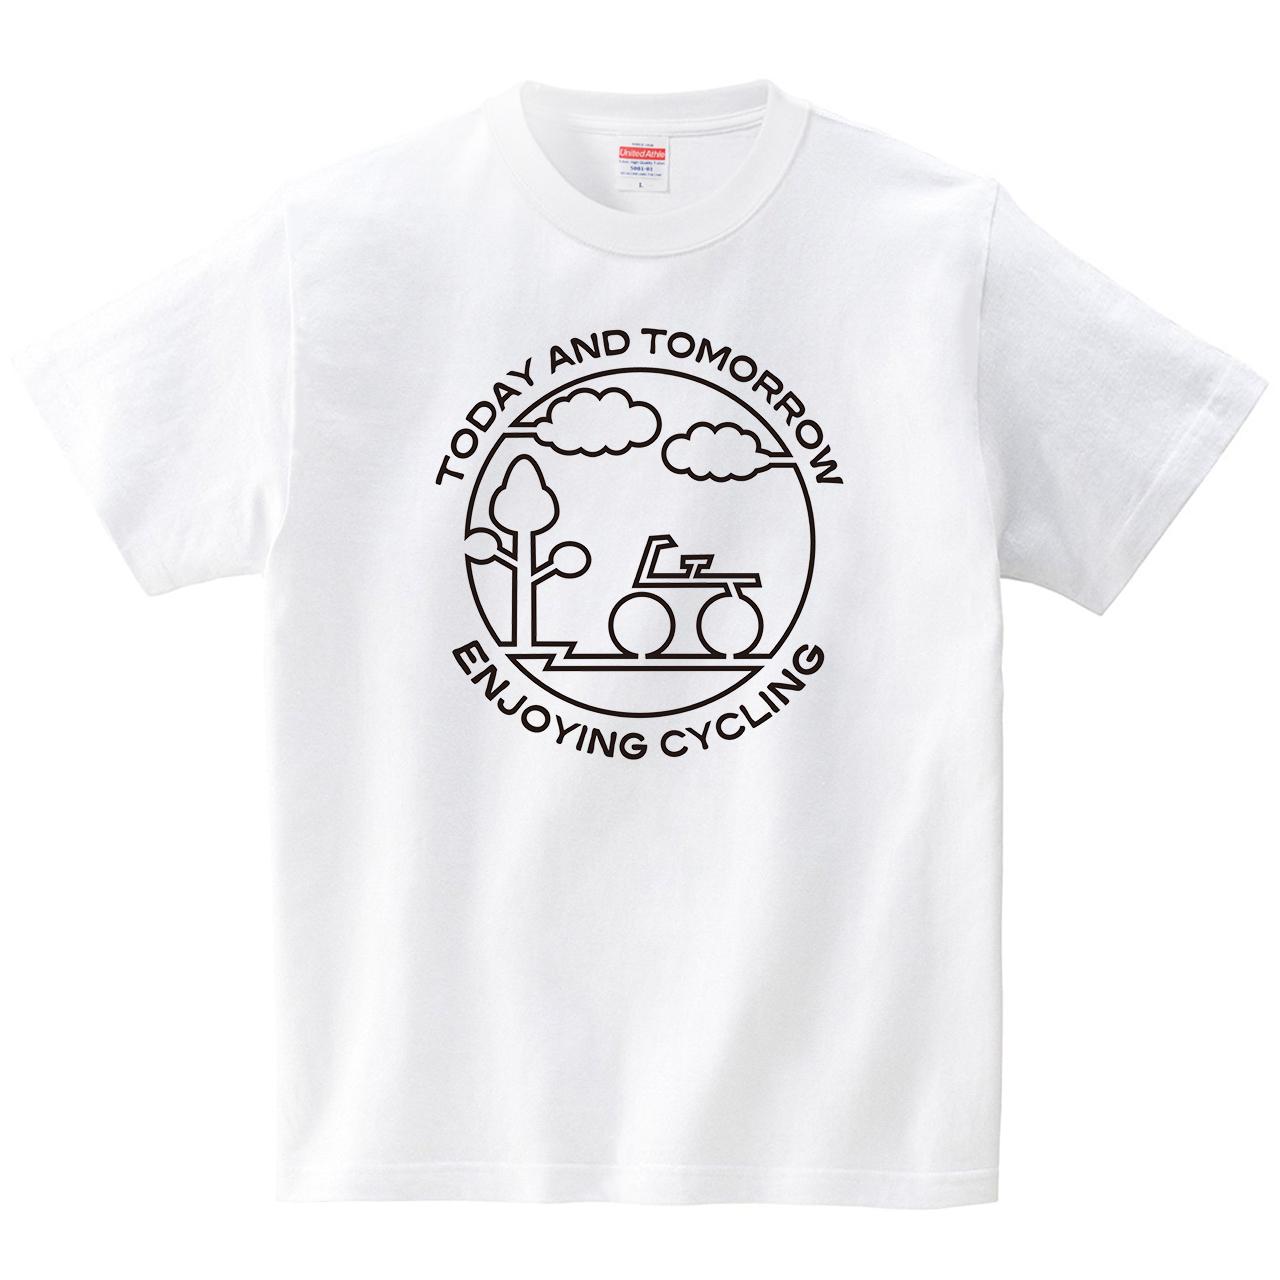 楽しいサイクリング(Tシャツ・ホワイト)(CHATON_CATON_T)